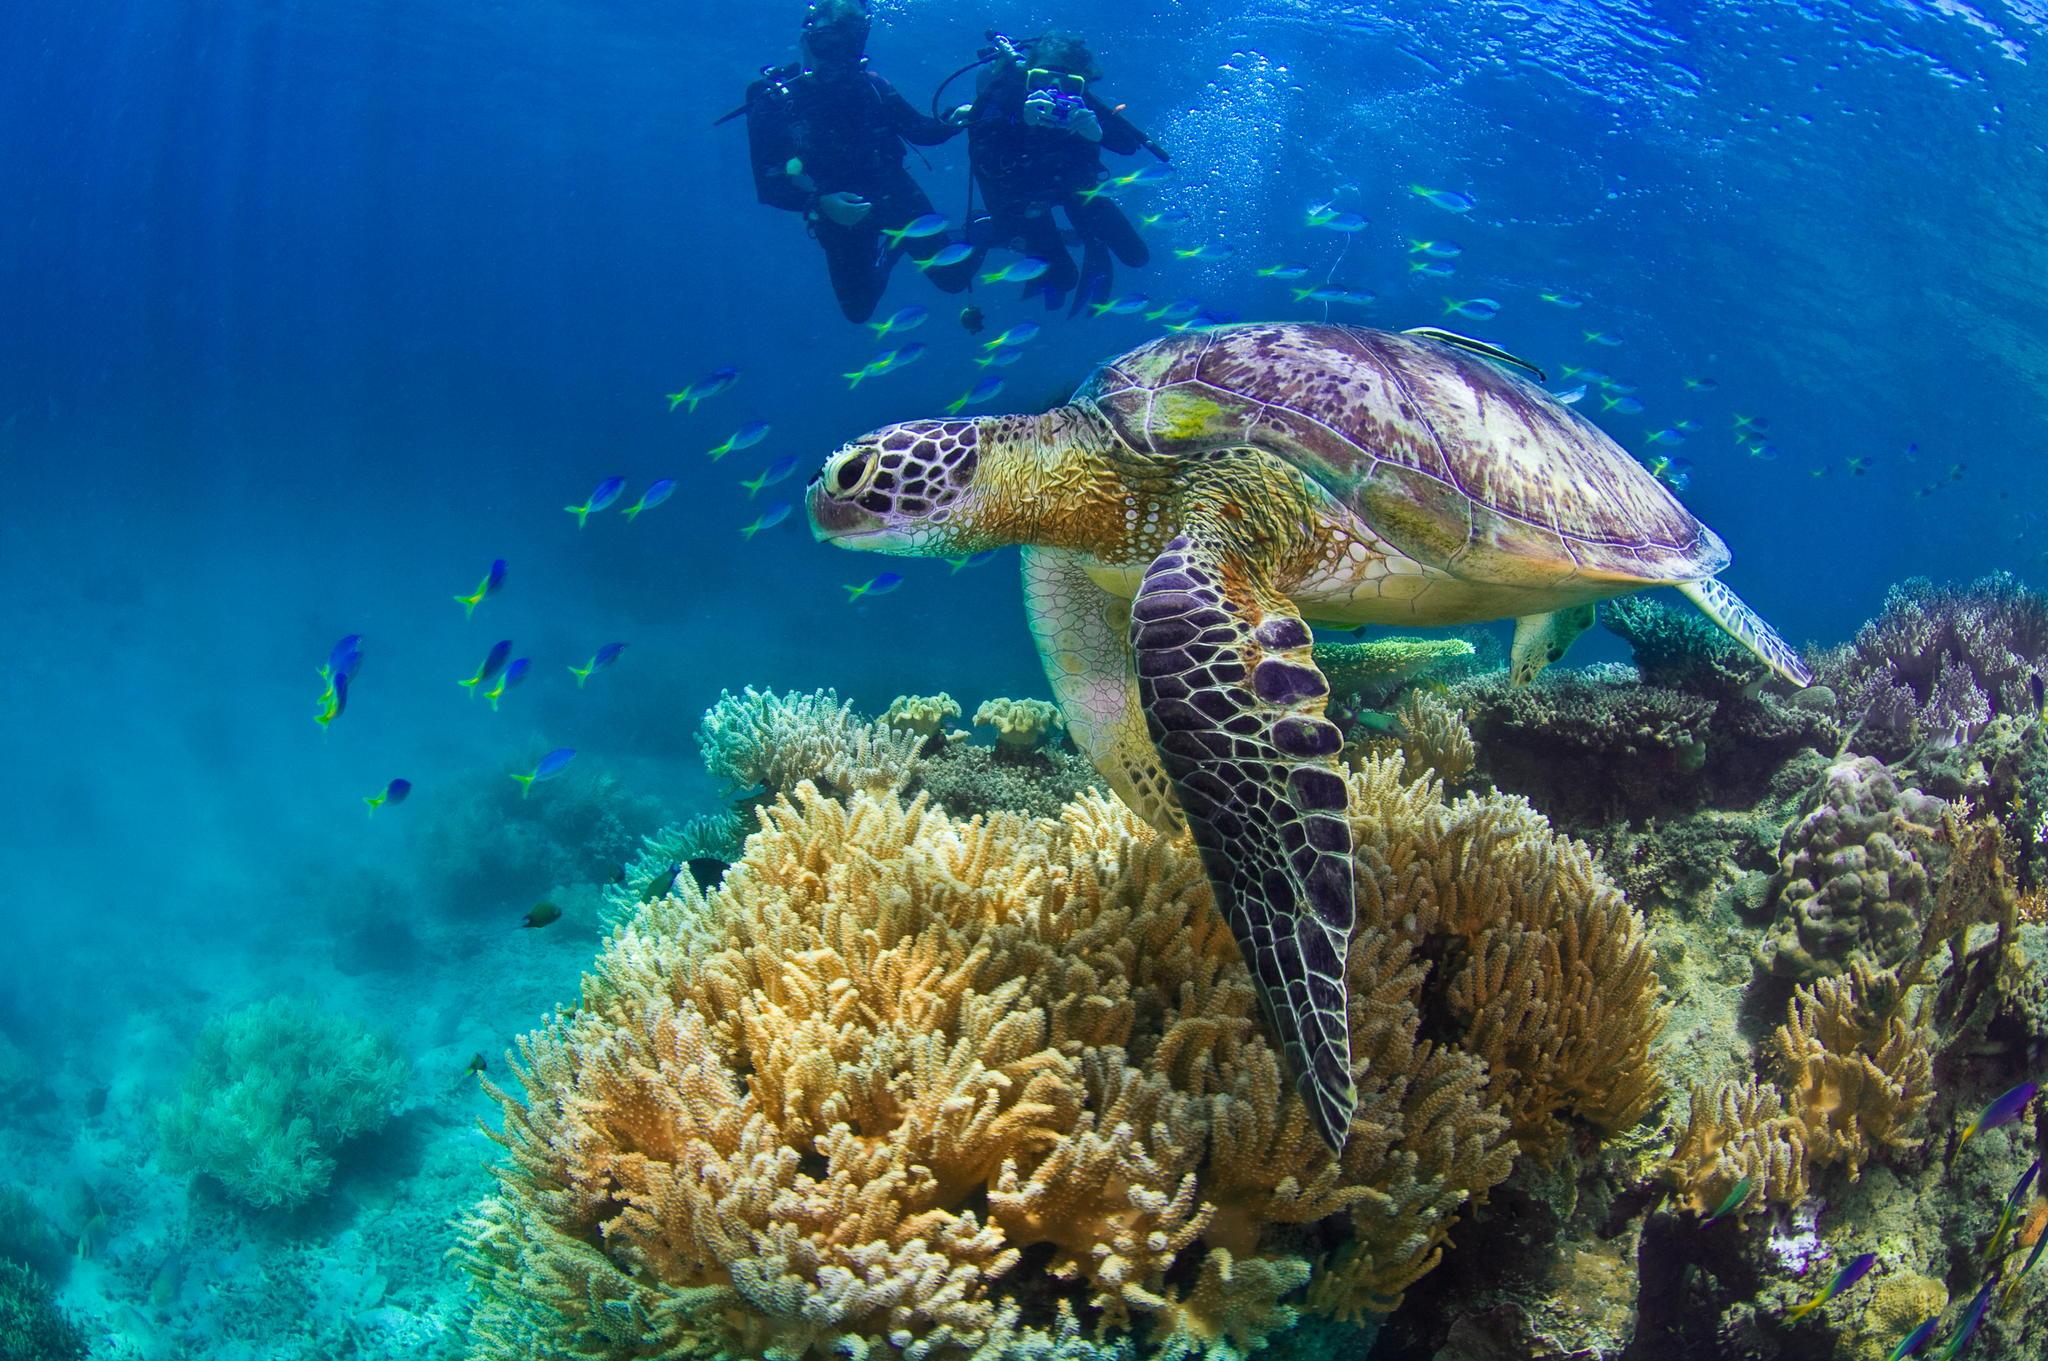 【高清图】可爱的海洋生物